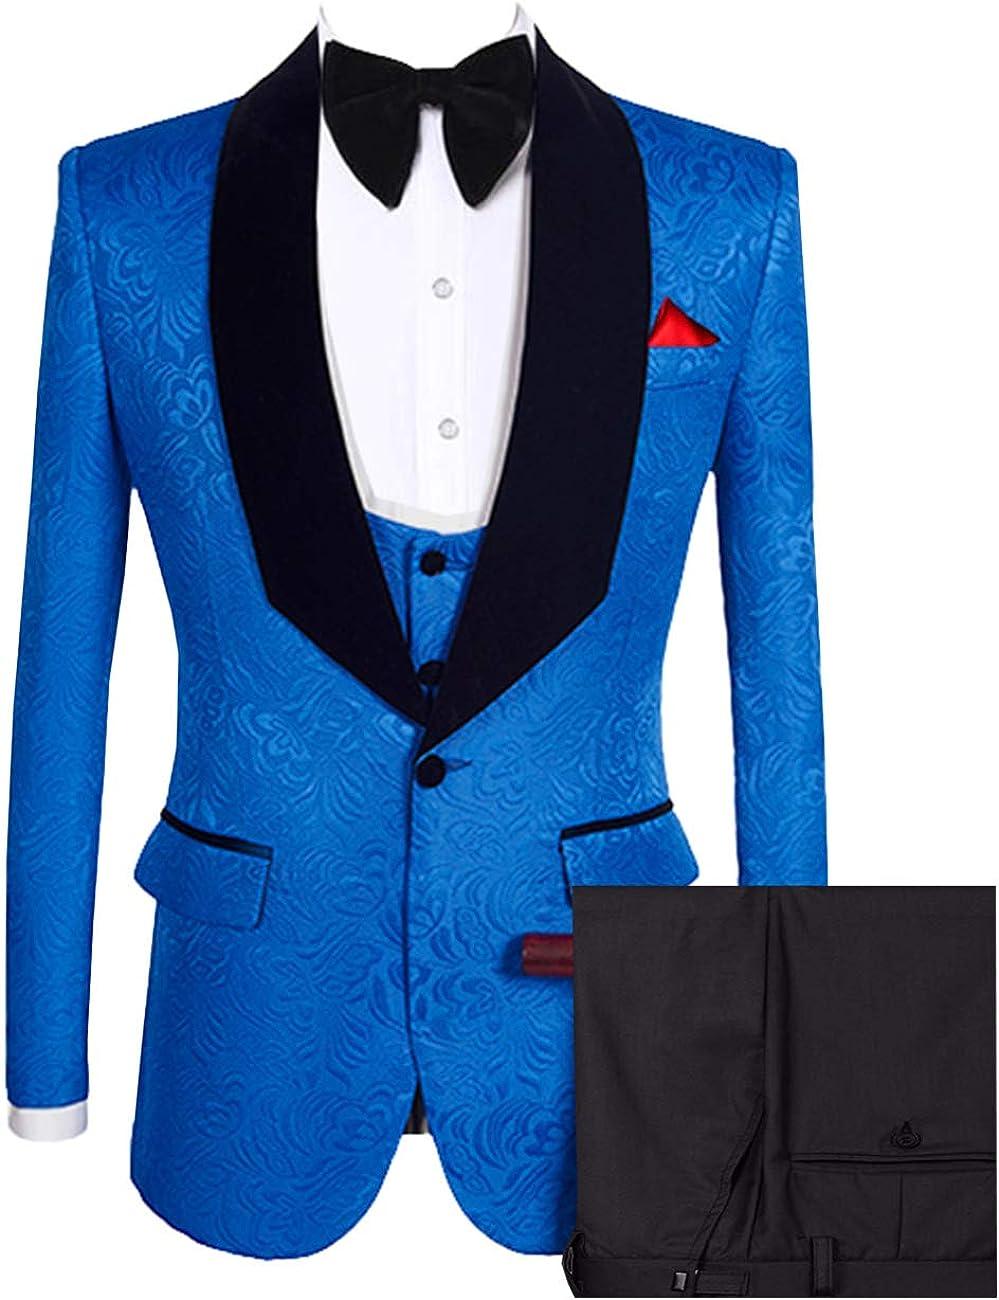 Wemaliyzd Men's Vintage 3 Pieces Wedding Suit Jacquard Vest Pants